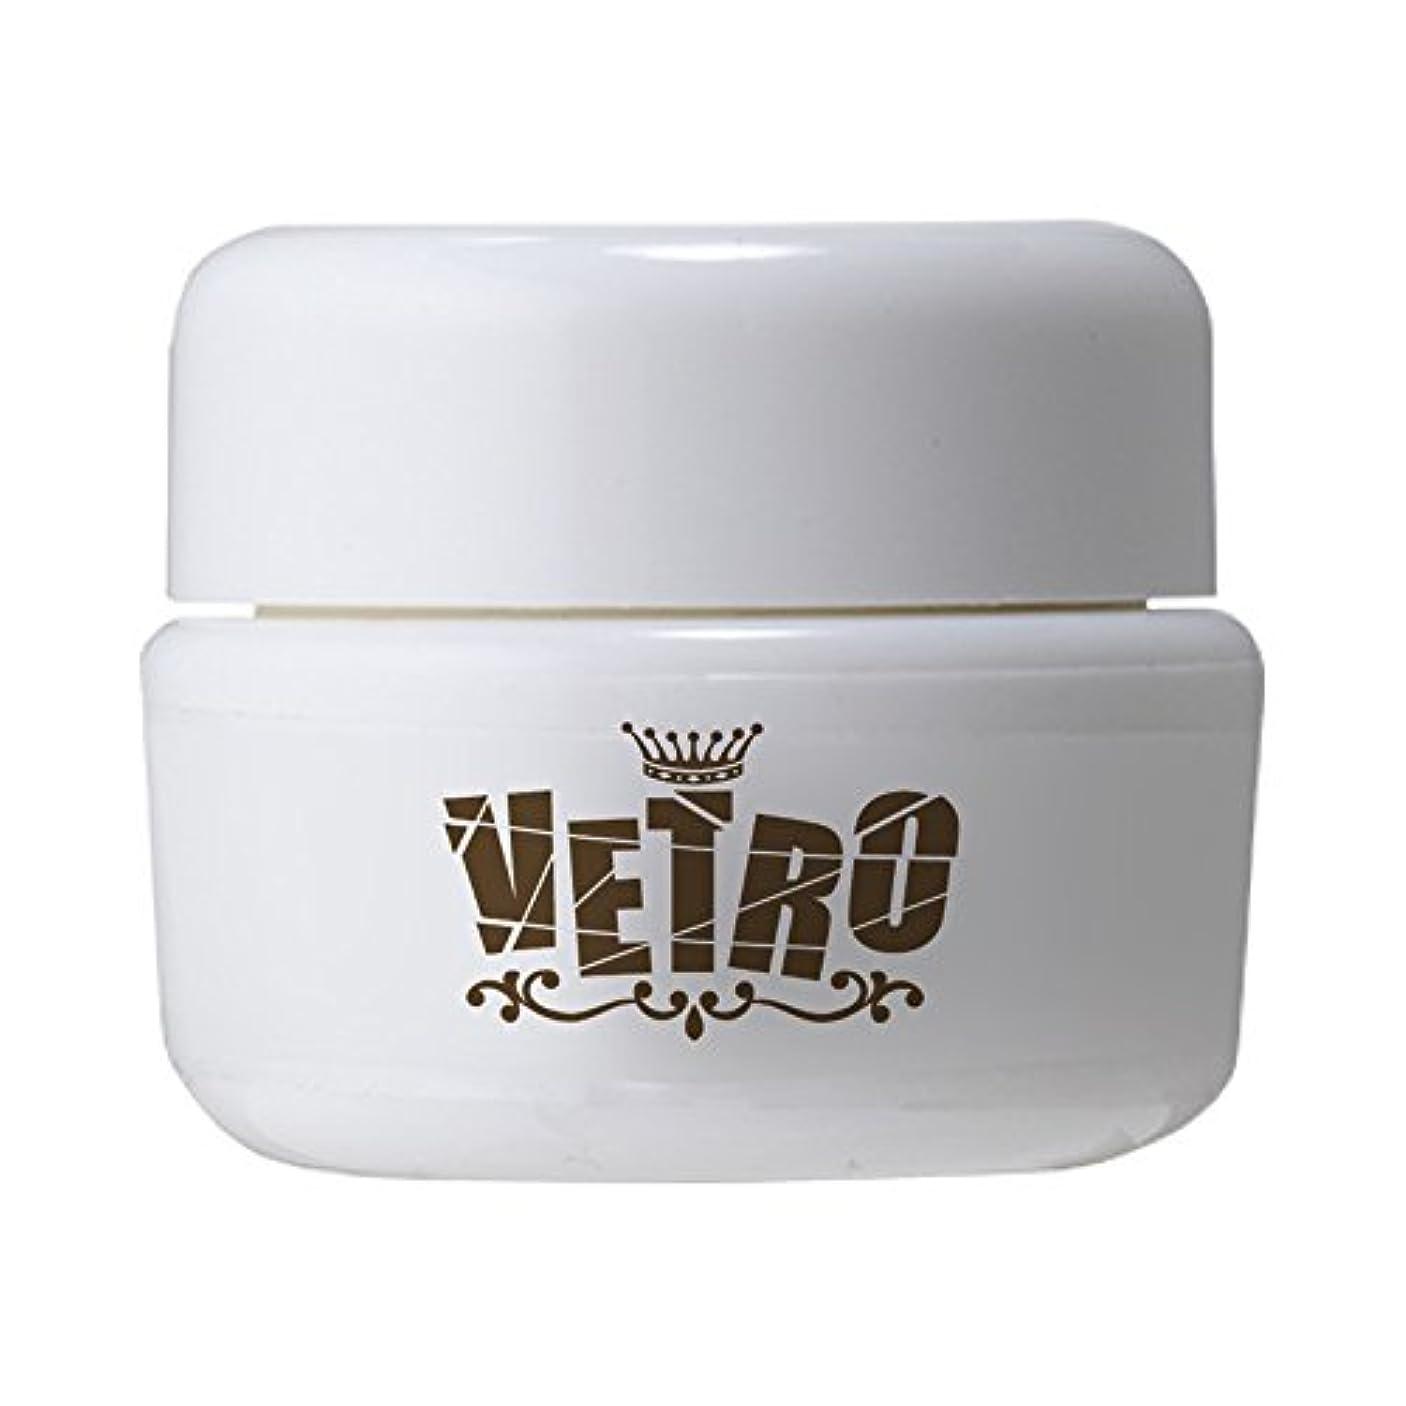 期待する保持図VETRO VLT999 Boss BLACK(ボスブラック) 4ml UV/LED対応